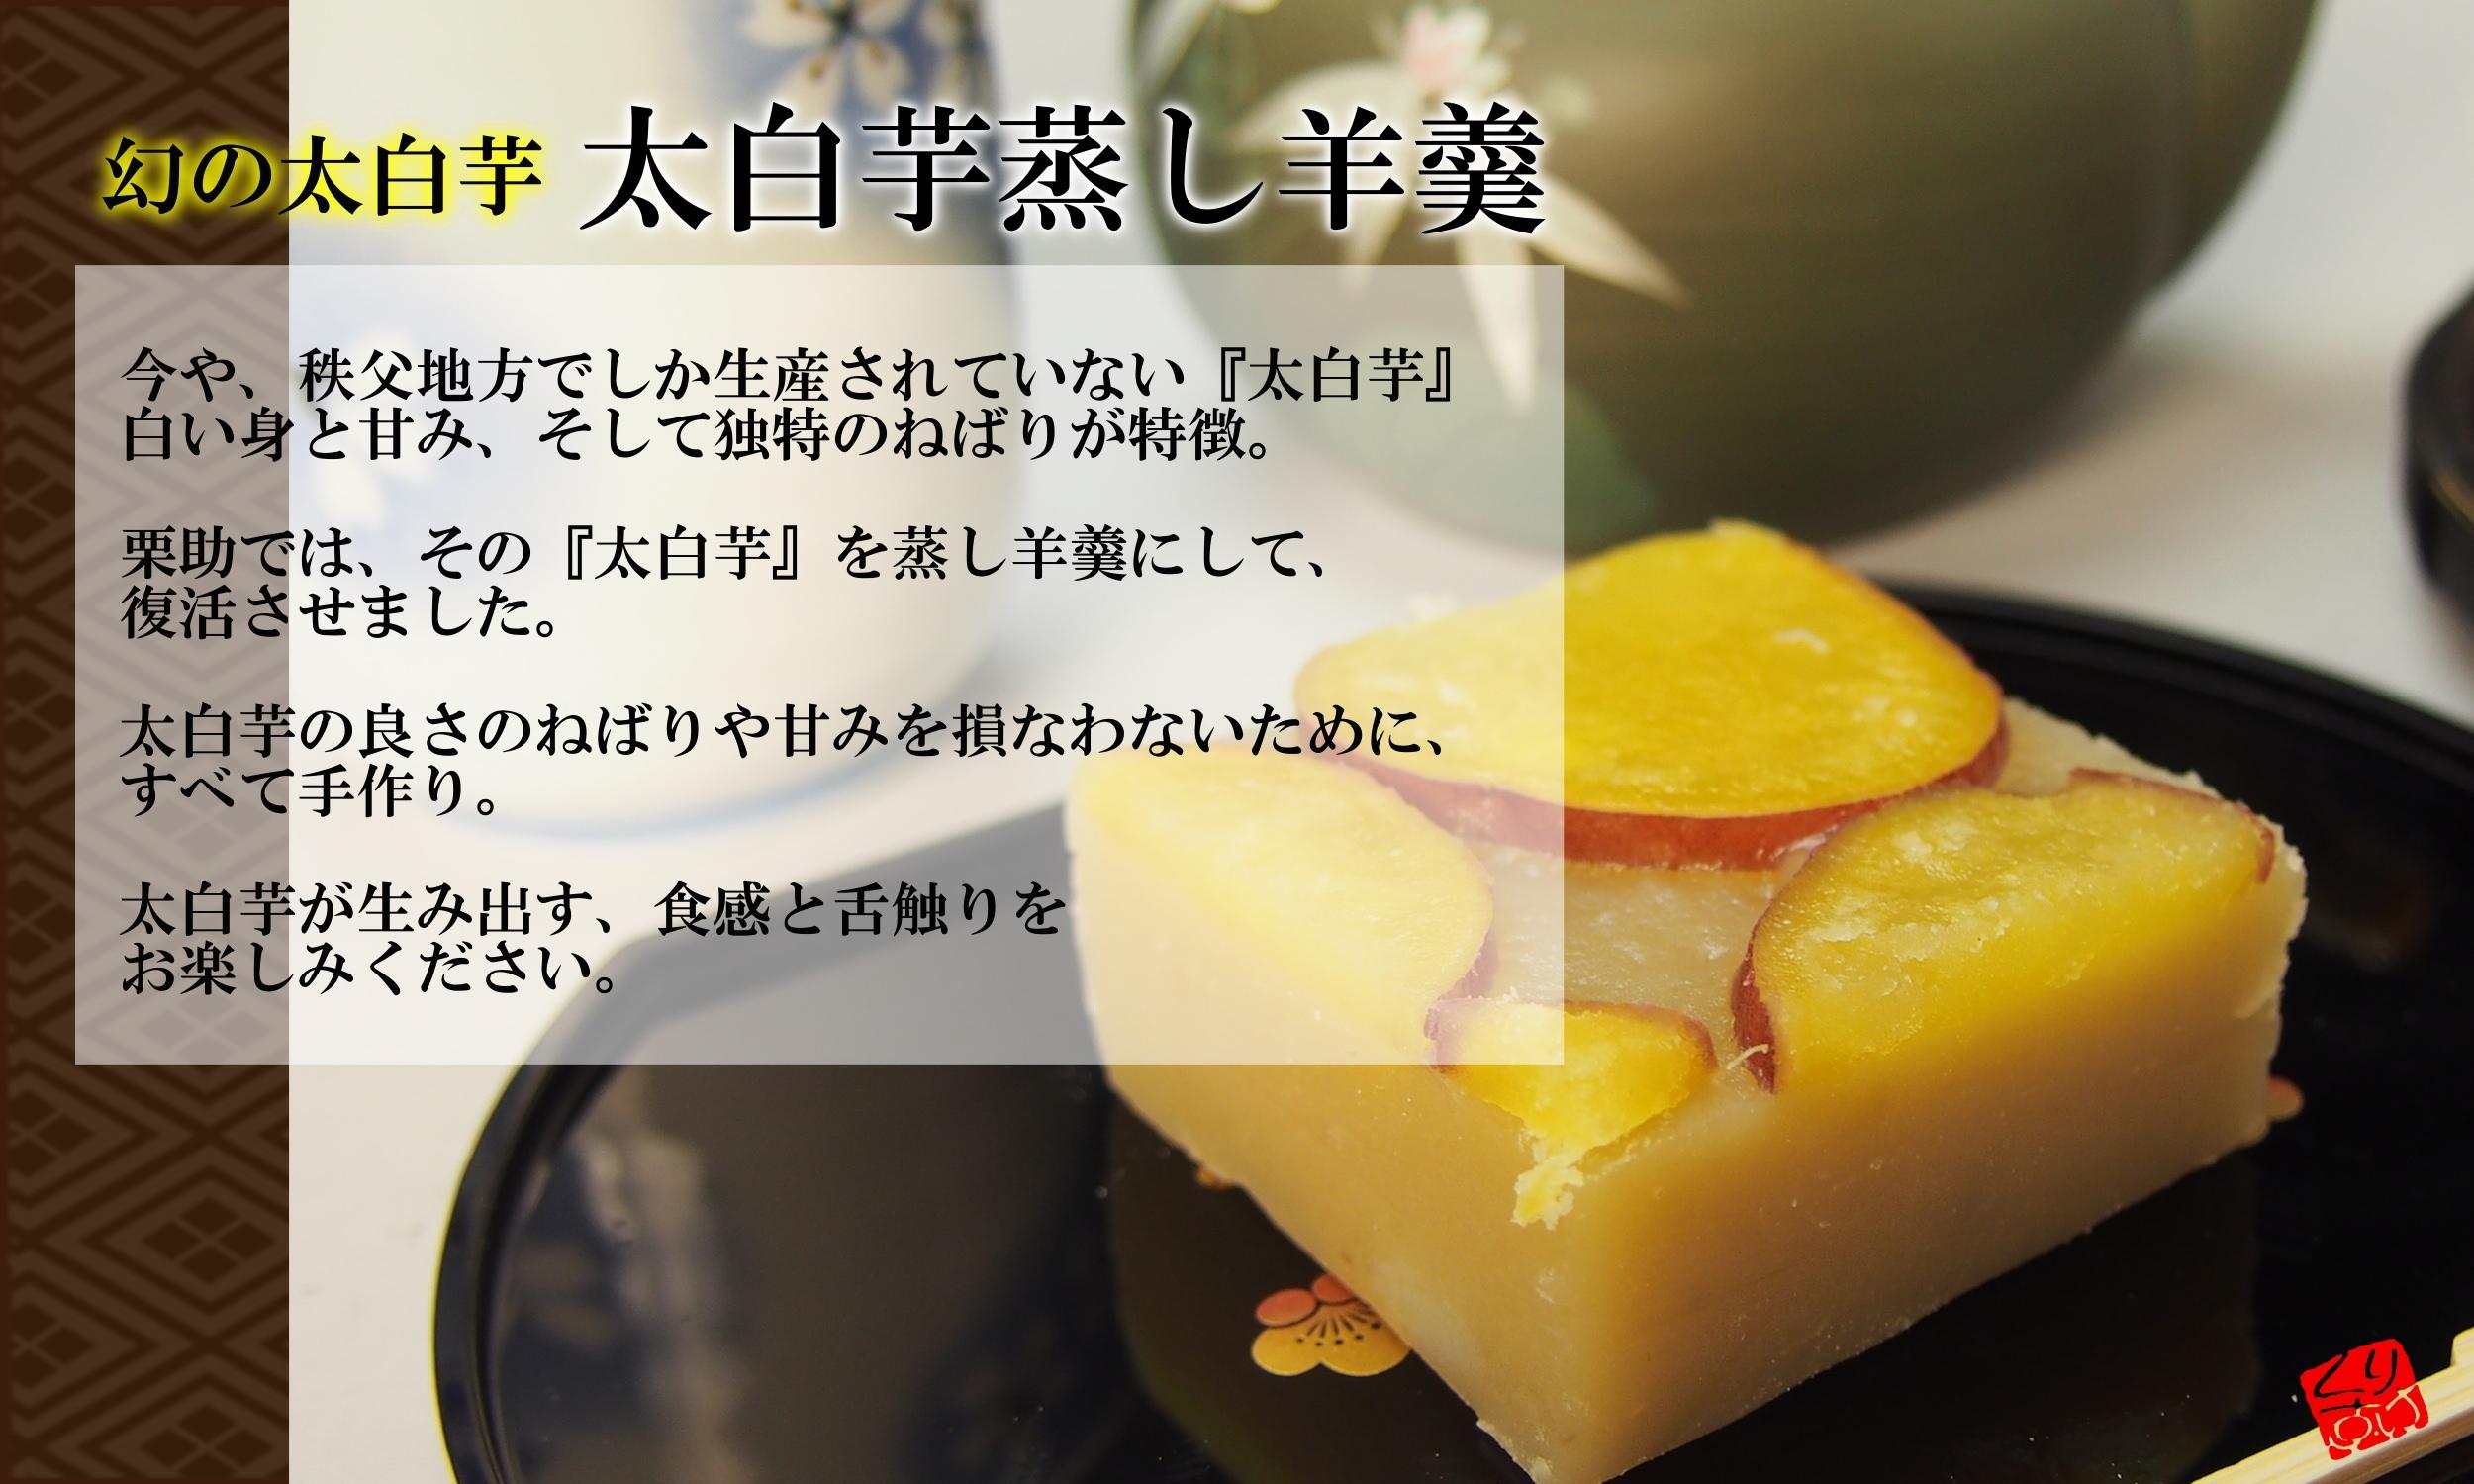 太白芋の独特の甘さと食感と舌触り